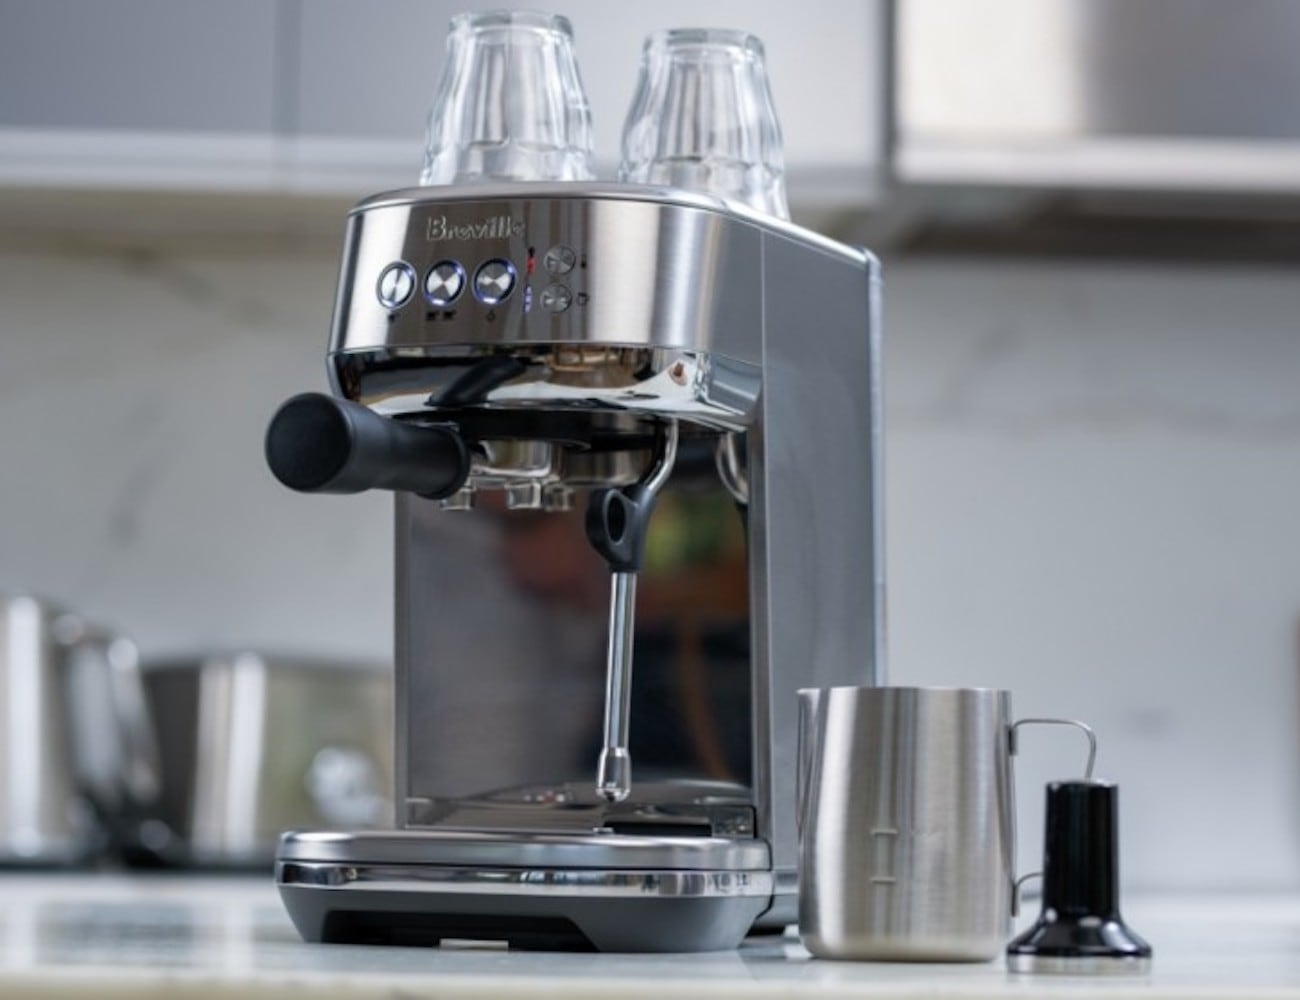 Breville Bambino Plus Compact Espresso Machine serves barista-level coffee